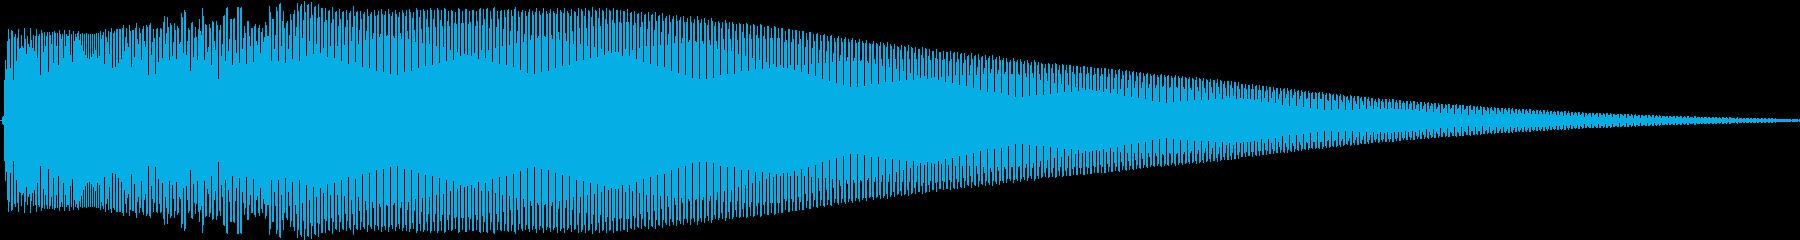 Pure ピュアでクリアなタッチ音 Aの再生済みの波形